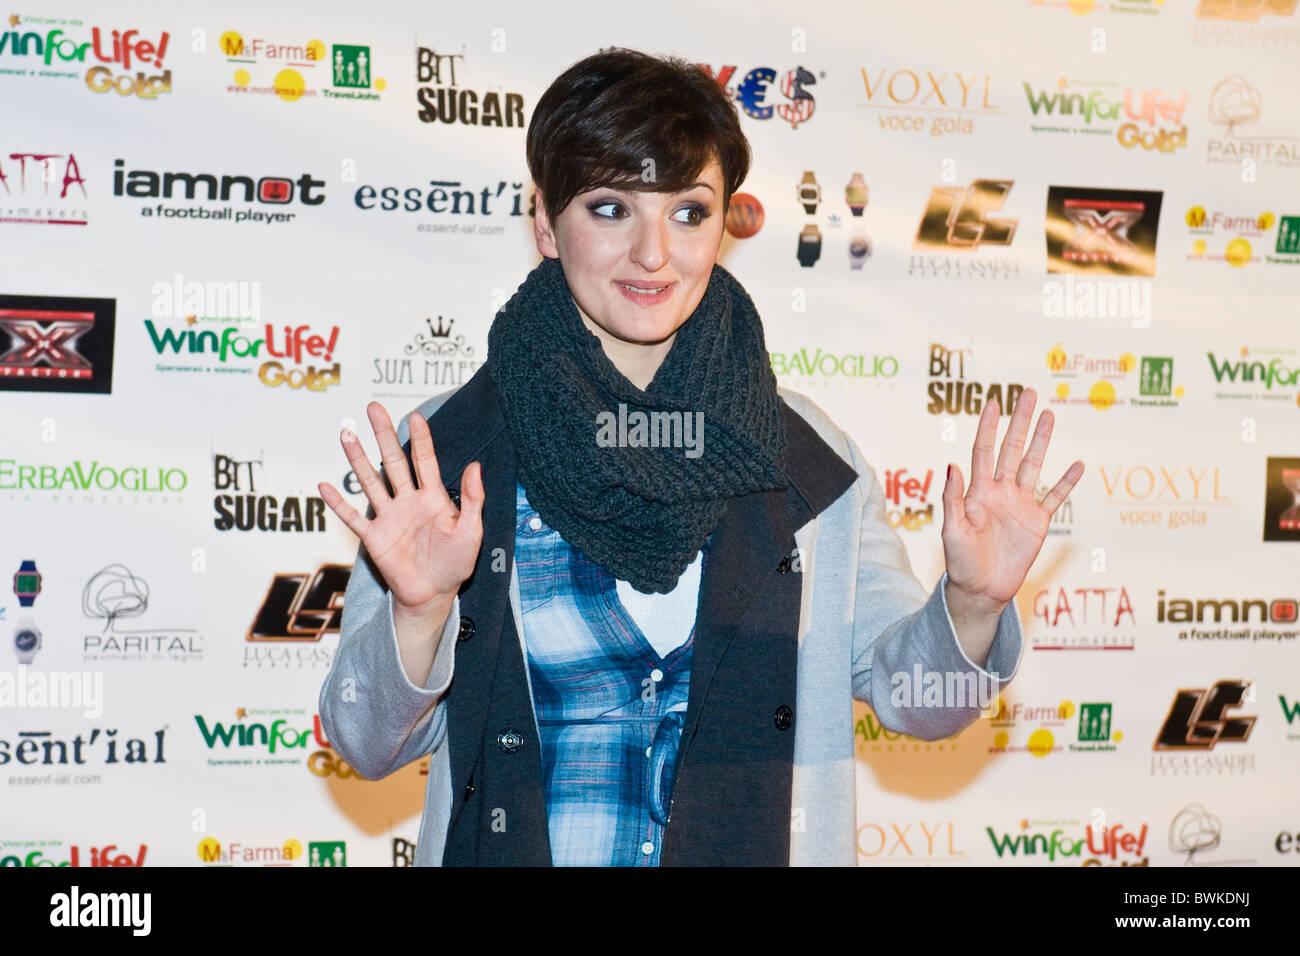 Arisa, X Factor Red Carpet, Milan 2010 - Stock Image